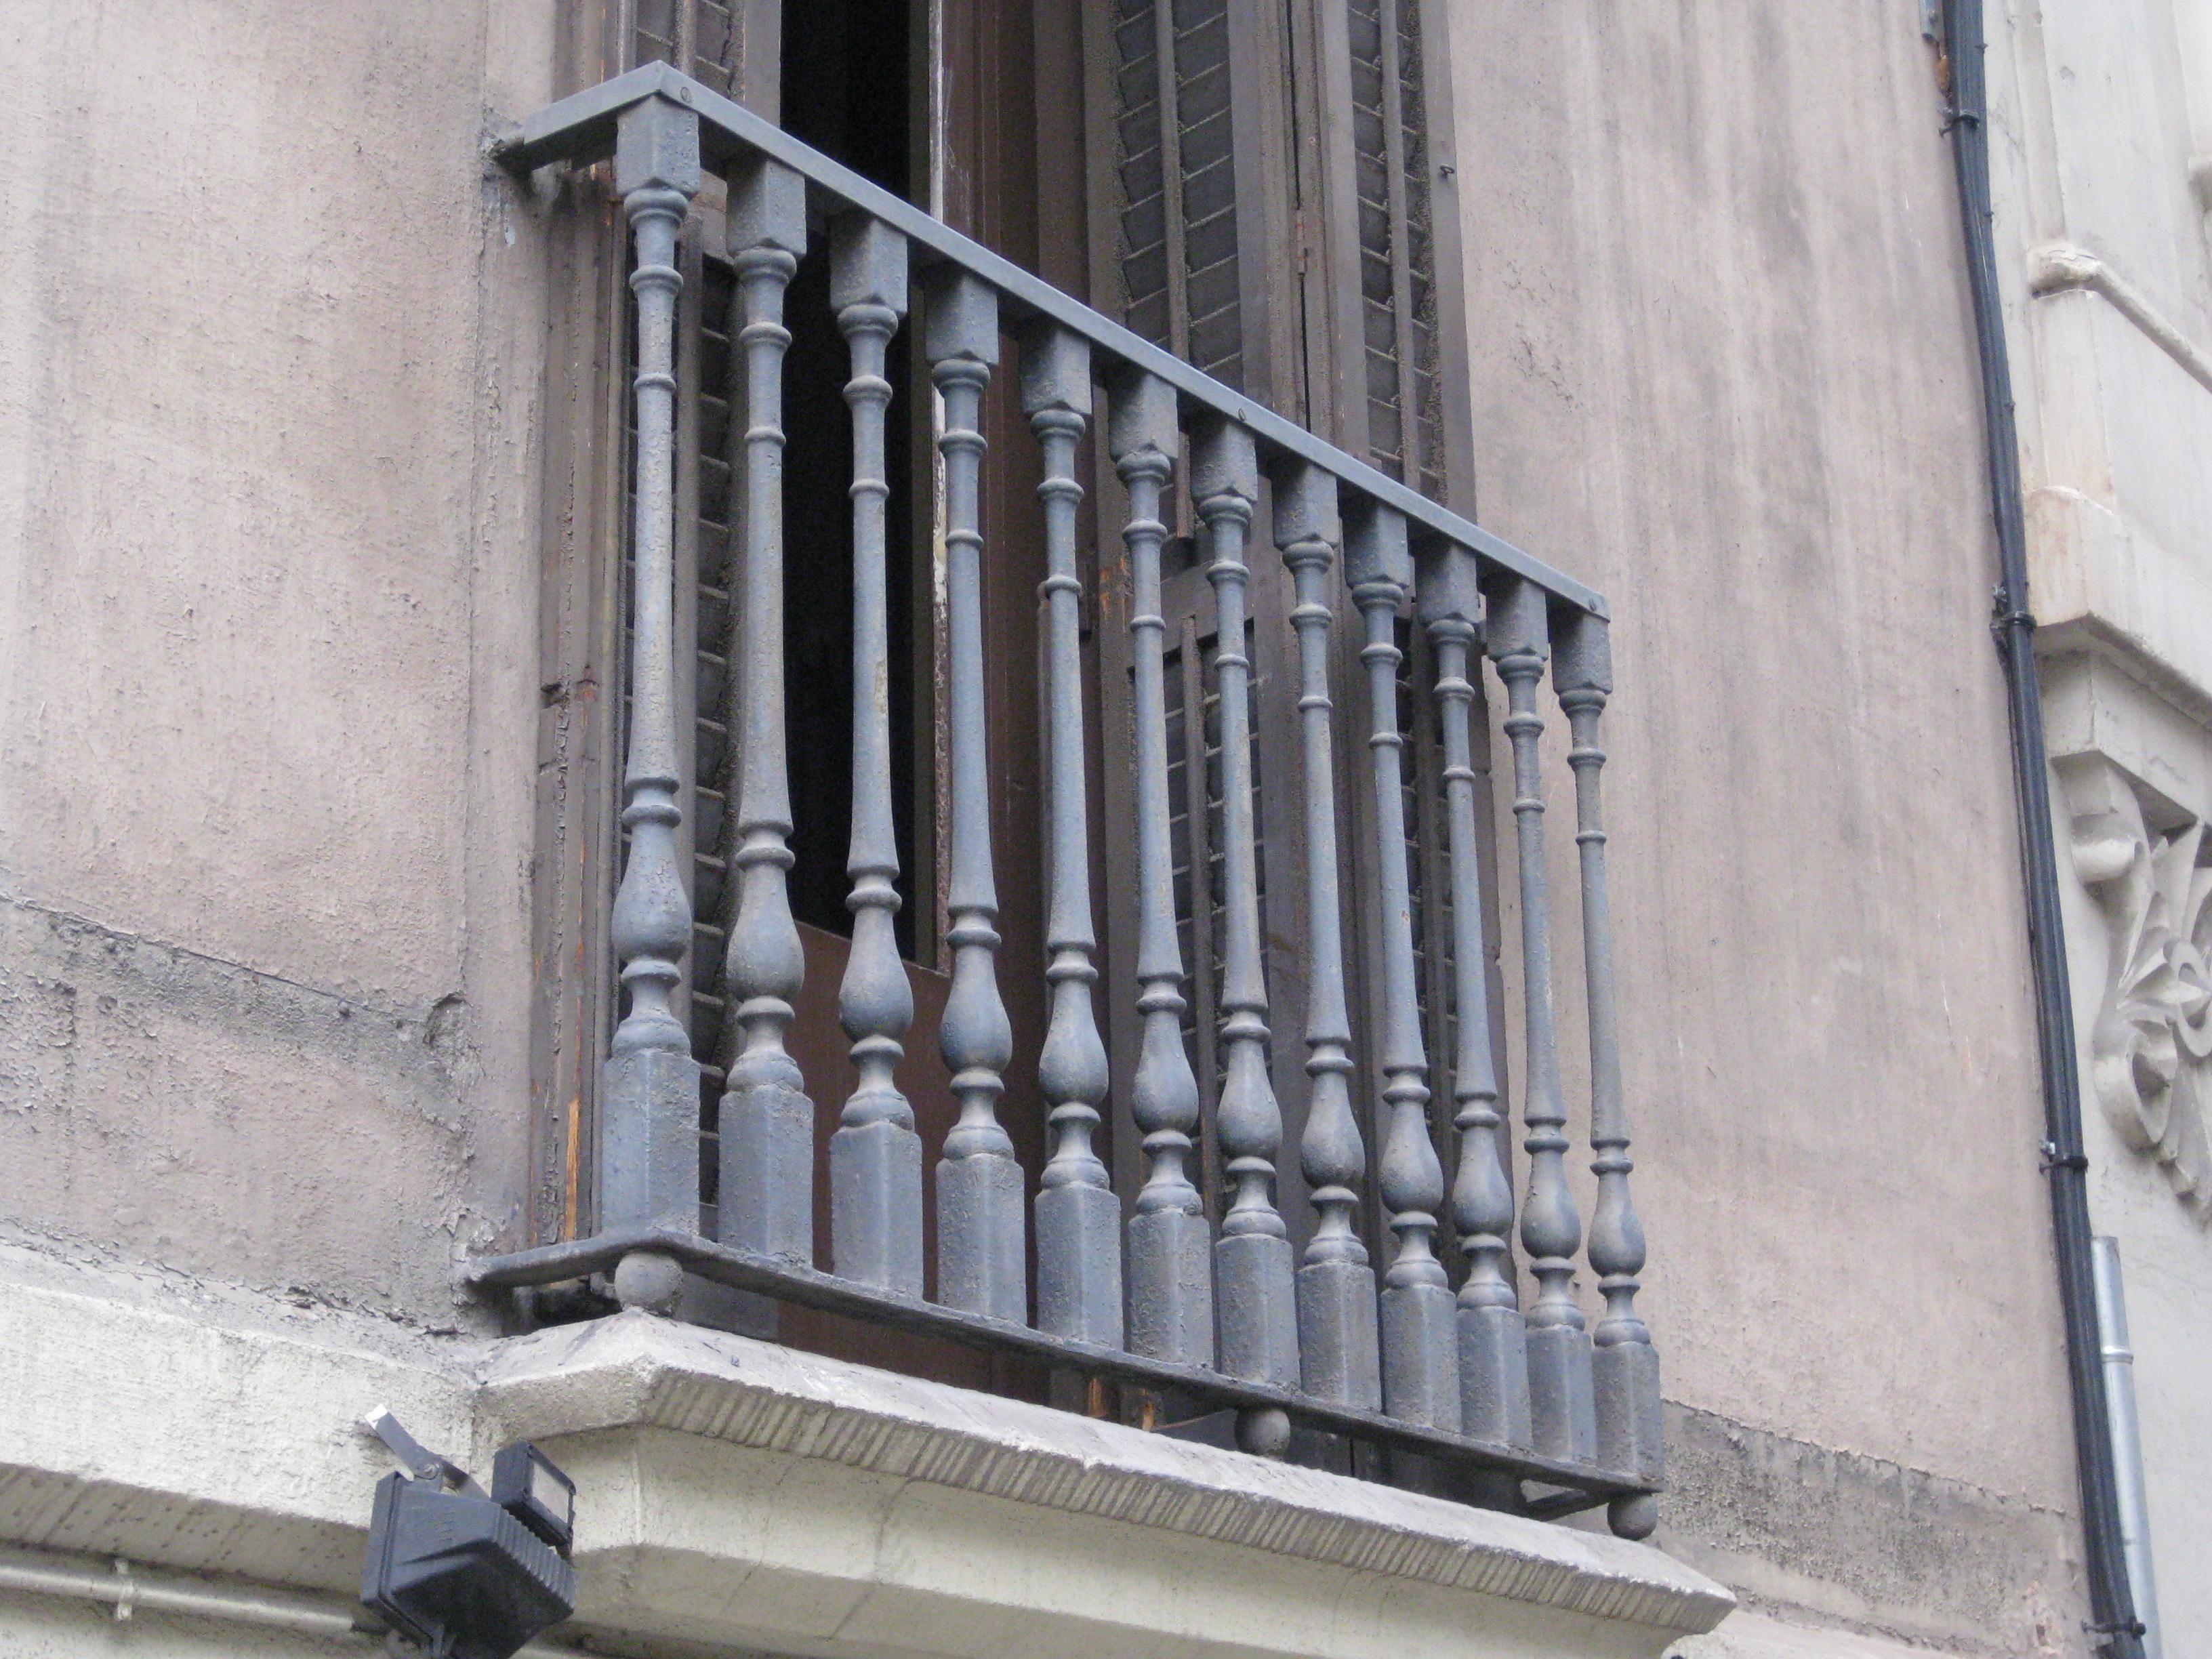 BARANDILLAS ALUMINIO, Accesorios aluminio inoxidable cerrajería